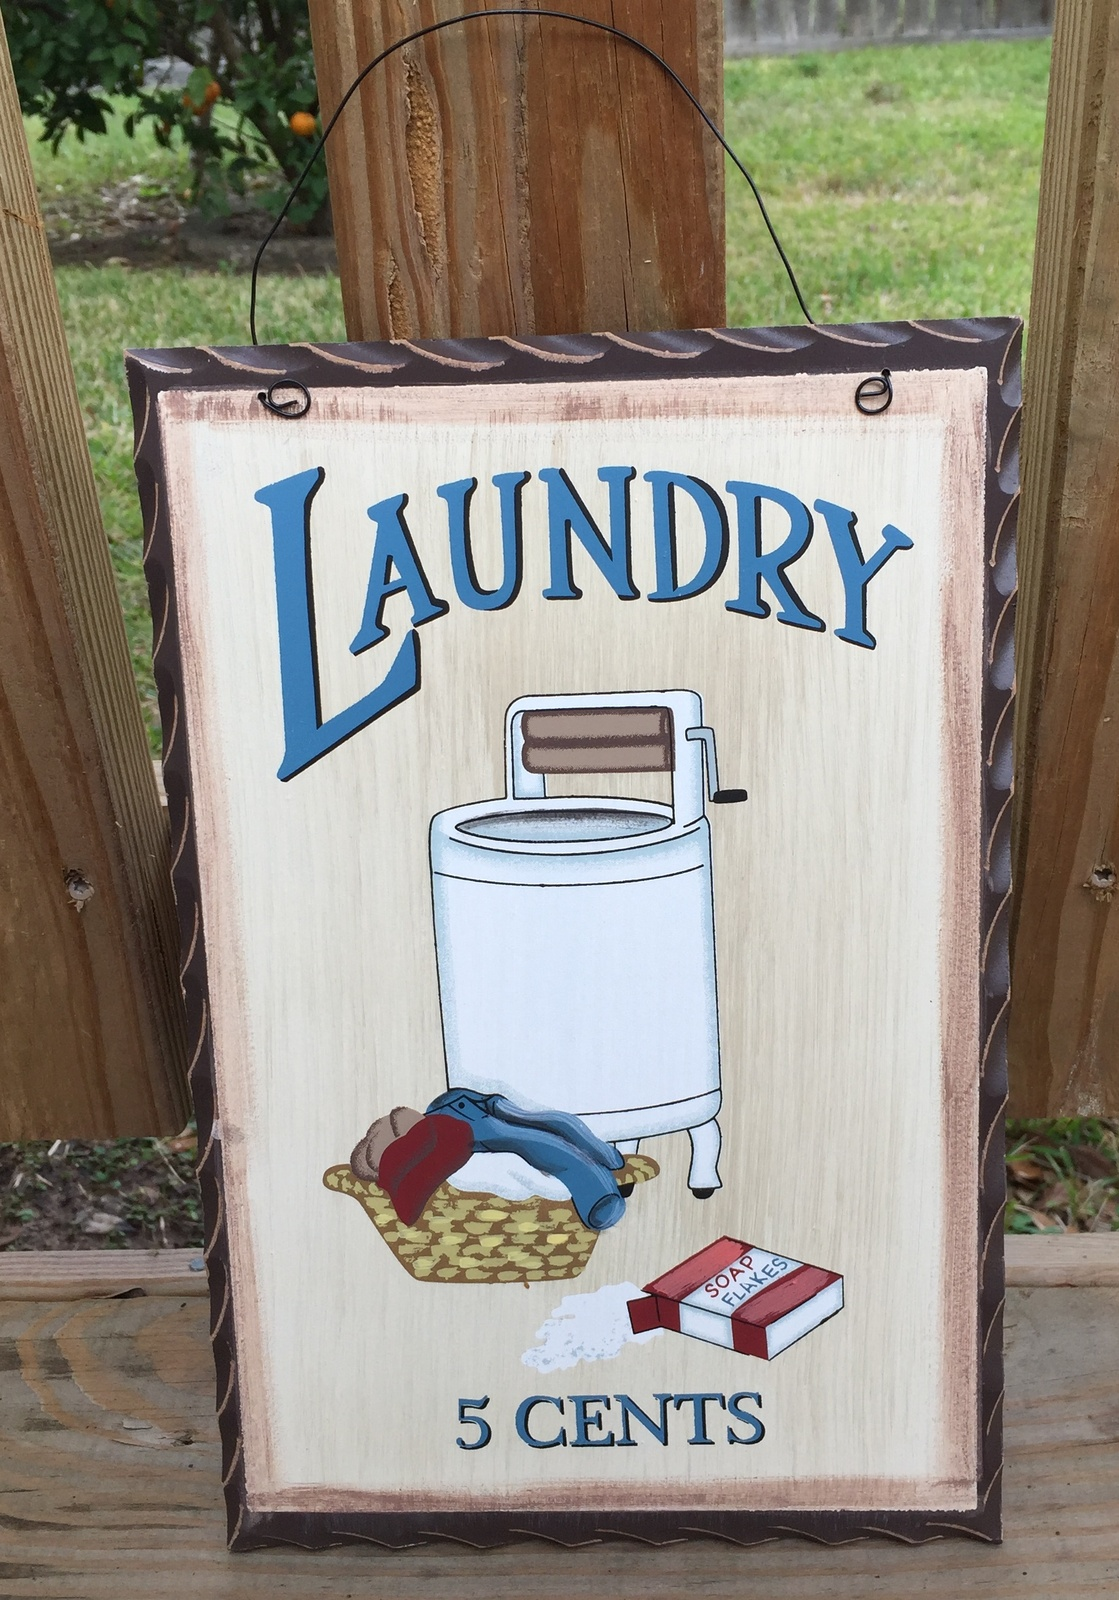 Primitive Decor wd653  Laundry 5 cents  Wood Plaque  - $6.95